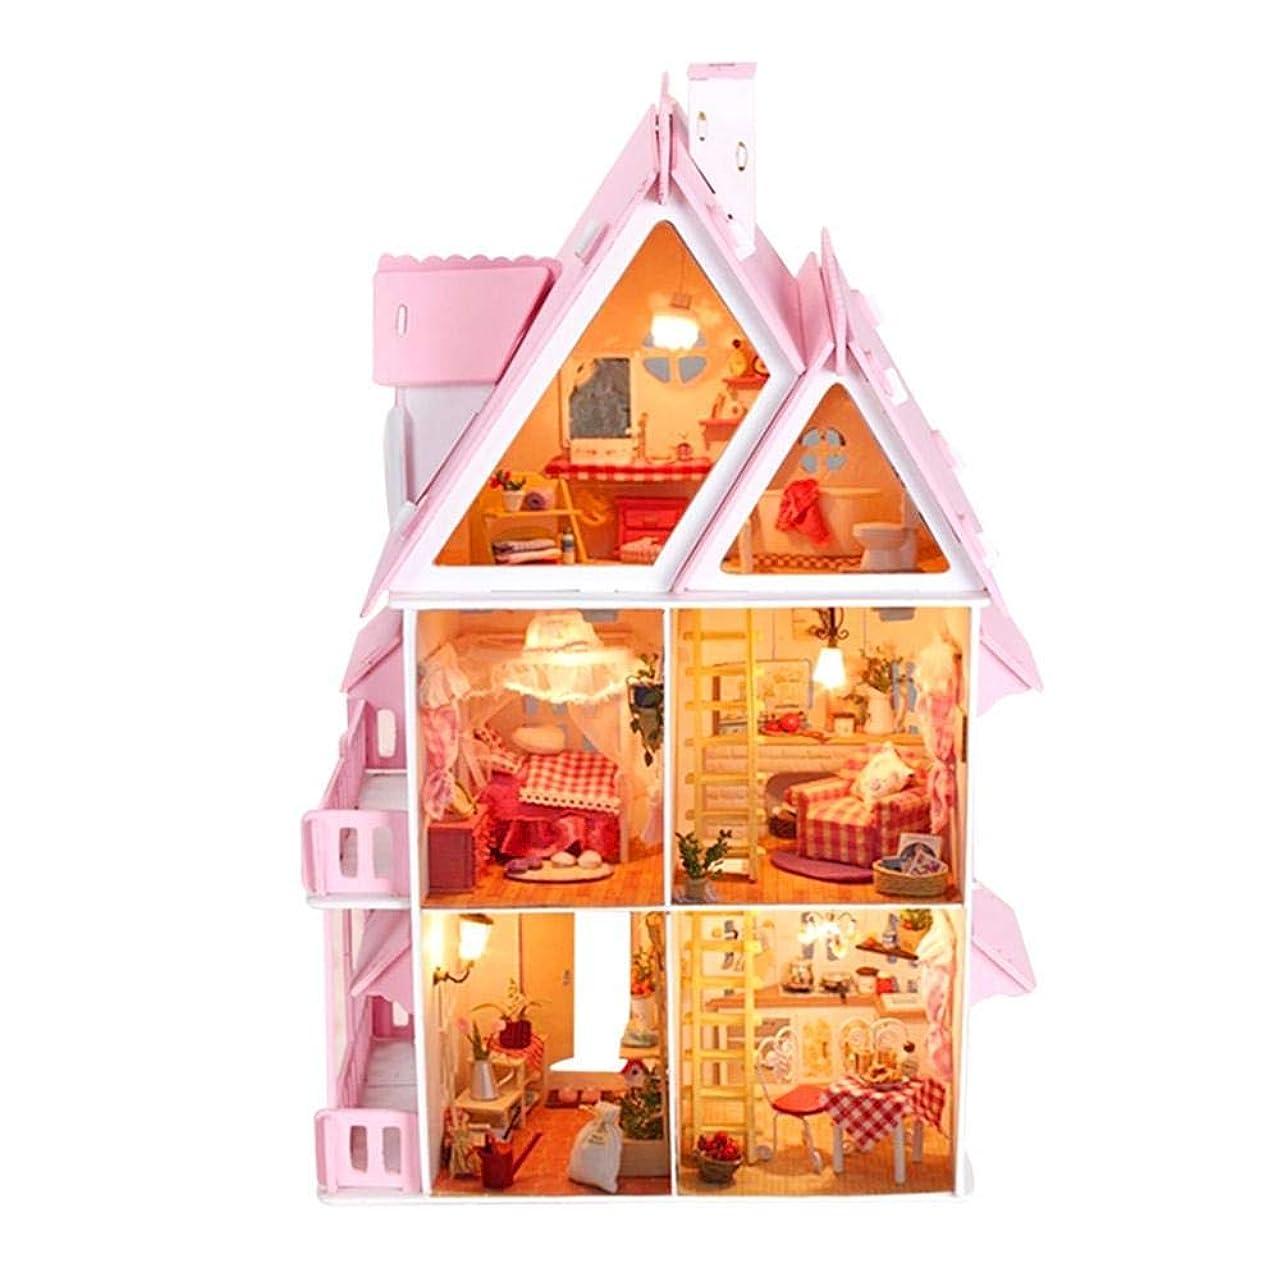 れる失われたによってmikolot 3Dパズル 木製 ハンドメイド ミニチュアドールハウス DIYキット ダブルデッカー ヴィラシリーズ ドールハウス アクセサリー 女性や女の子への最高のバレンタインギフト As Shown 261585